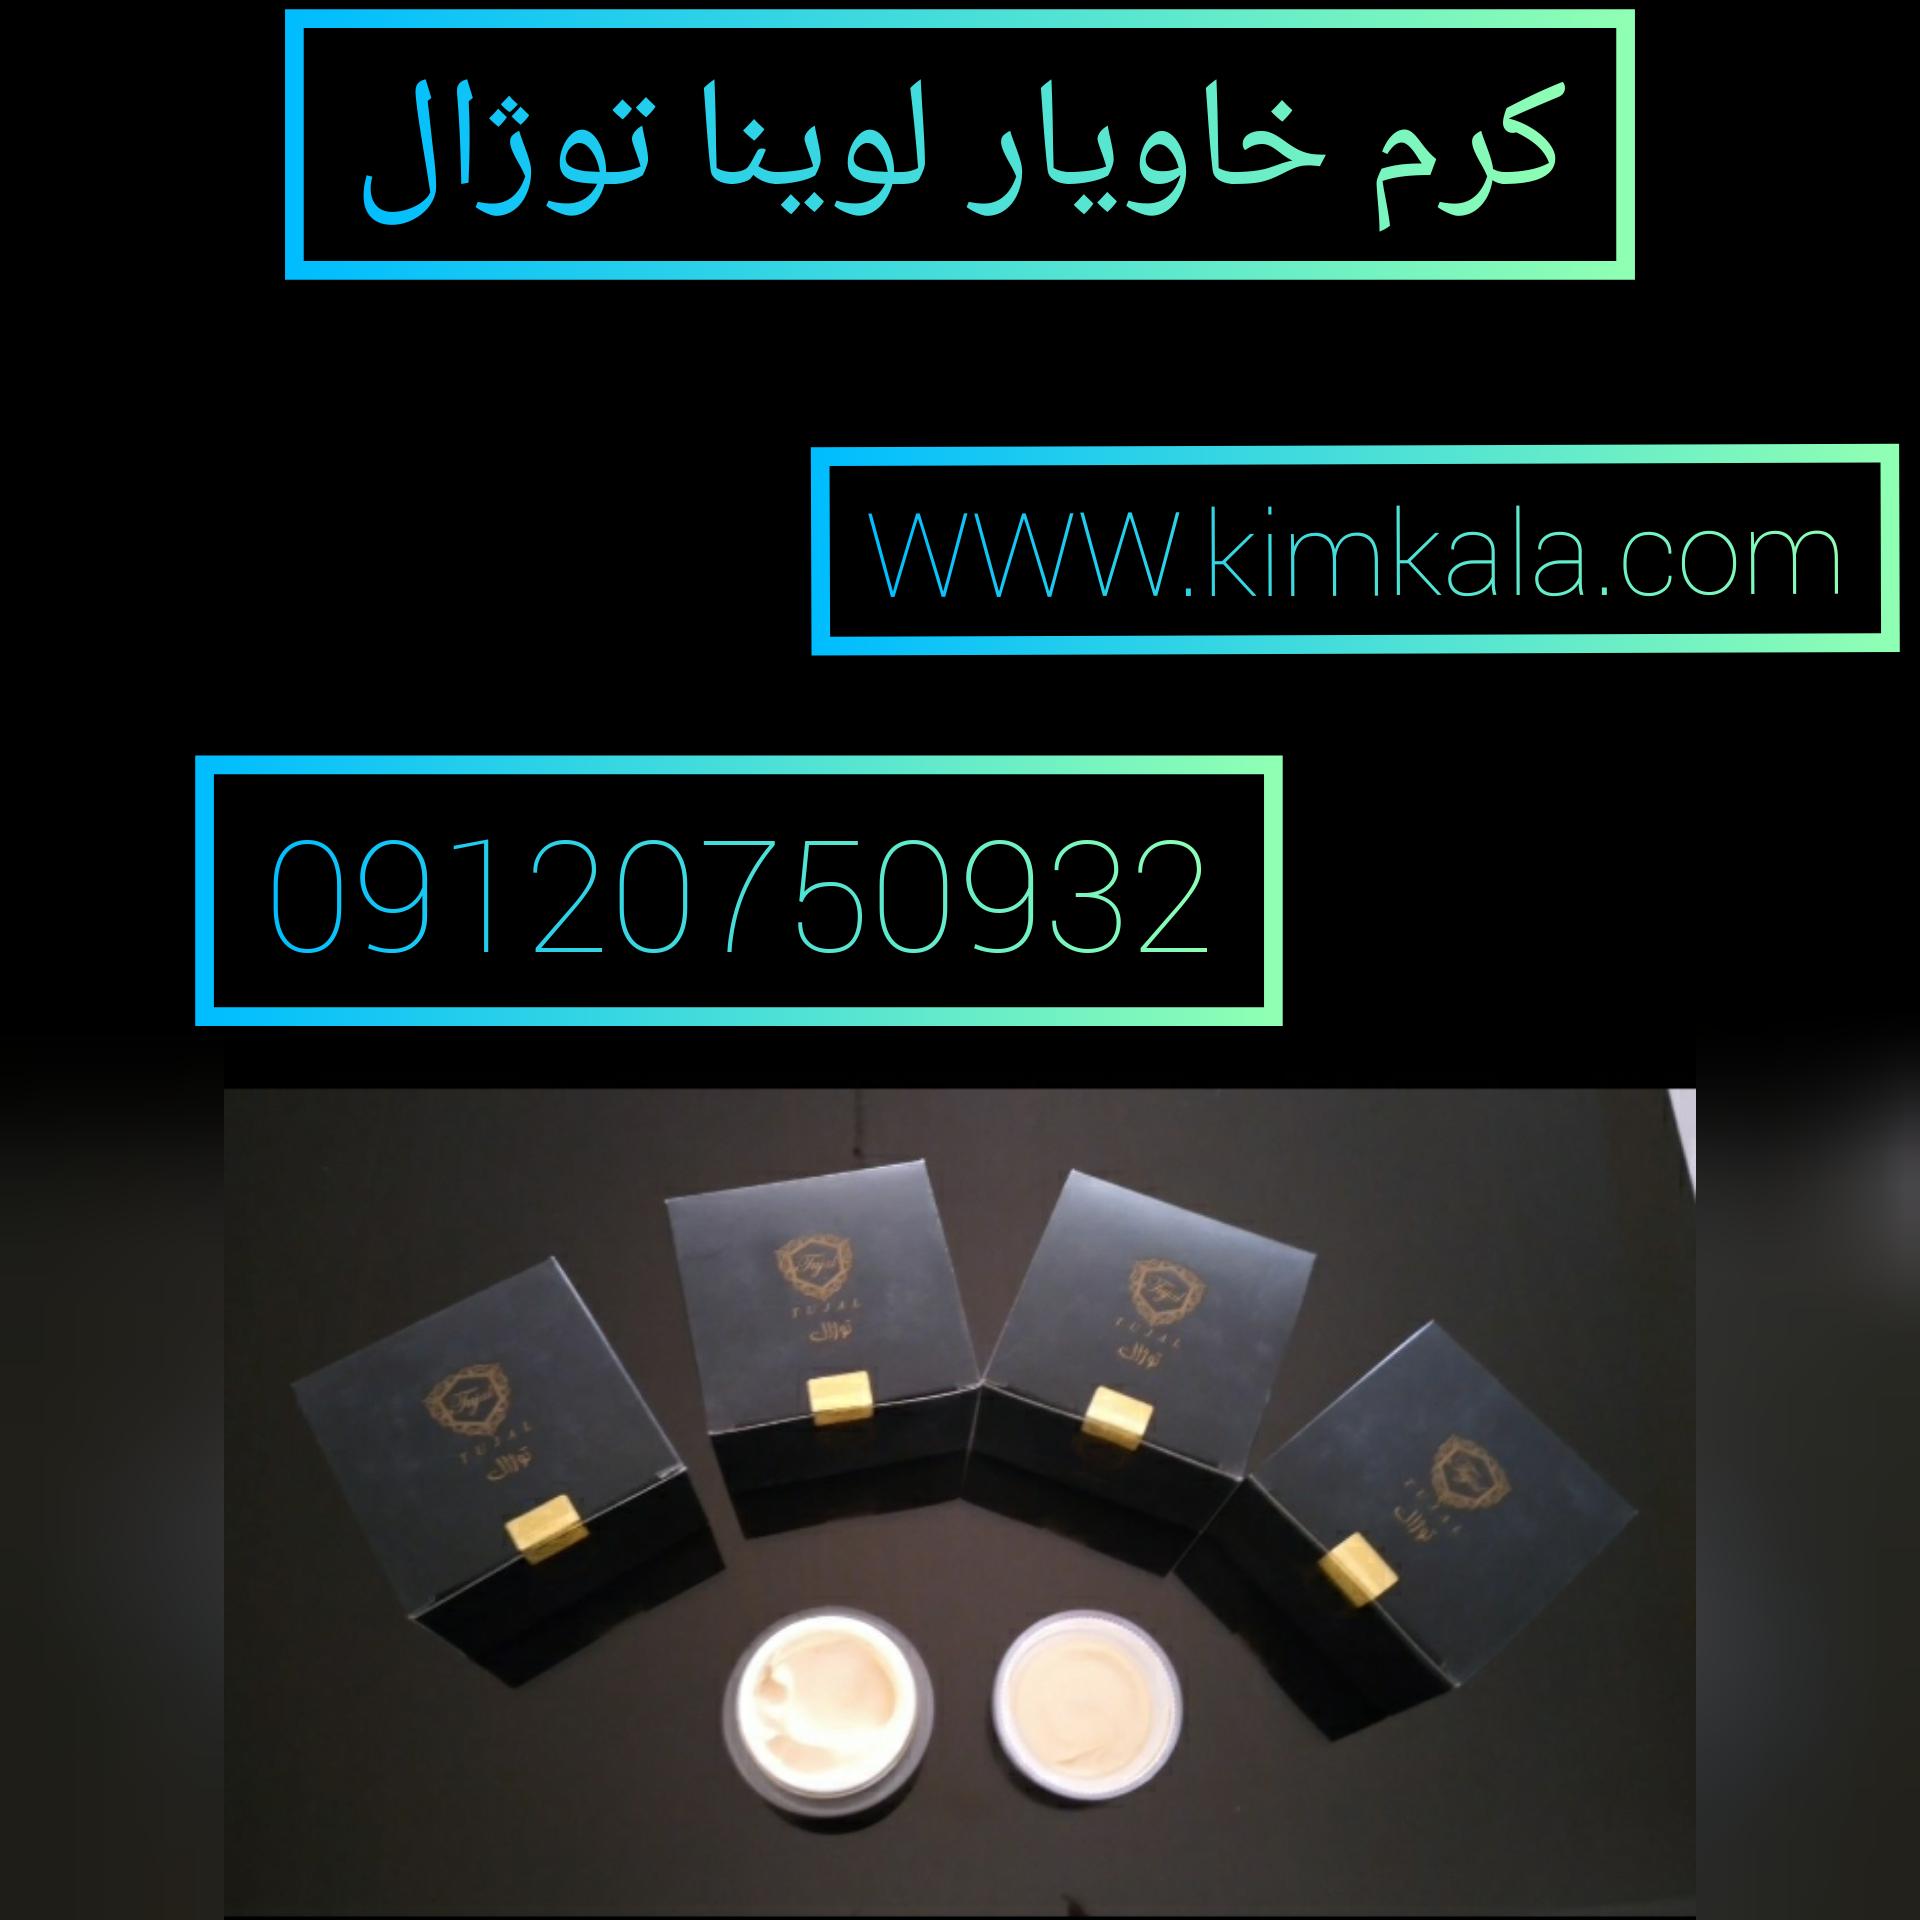 کرم خاویار لوینا توژال/09120750932/قیمت کرم خاویار